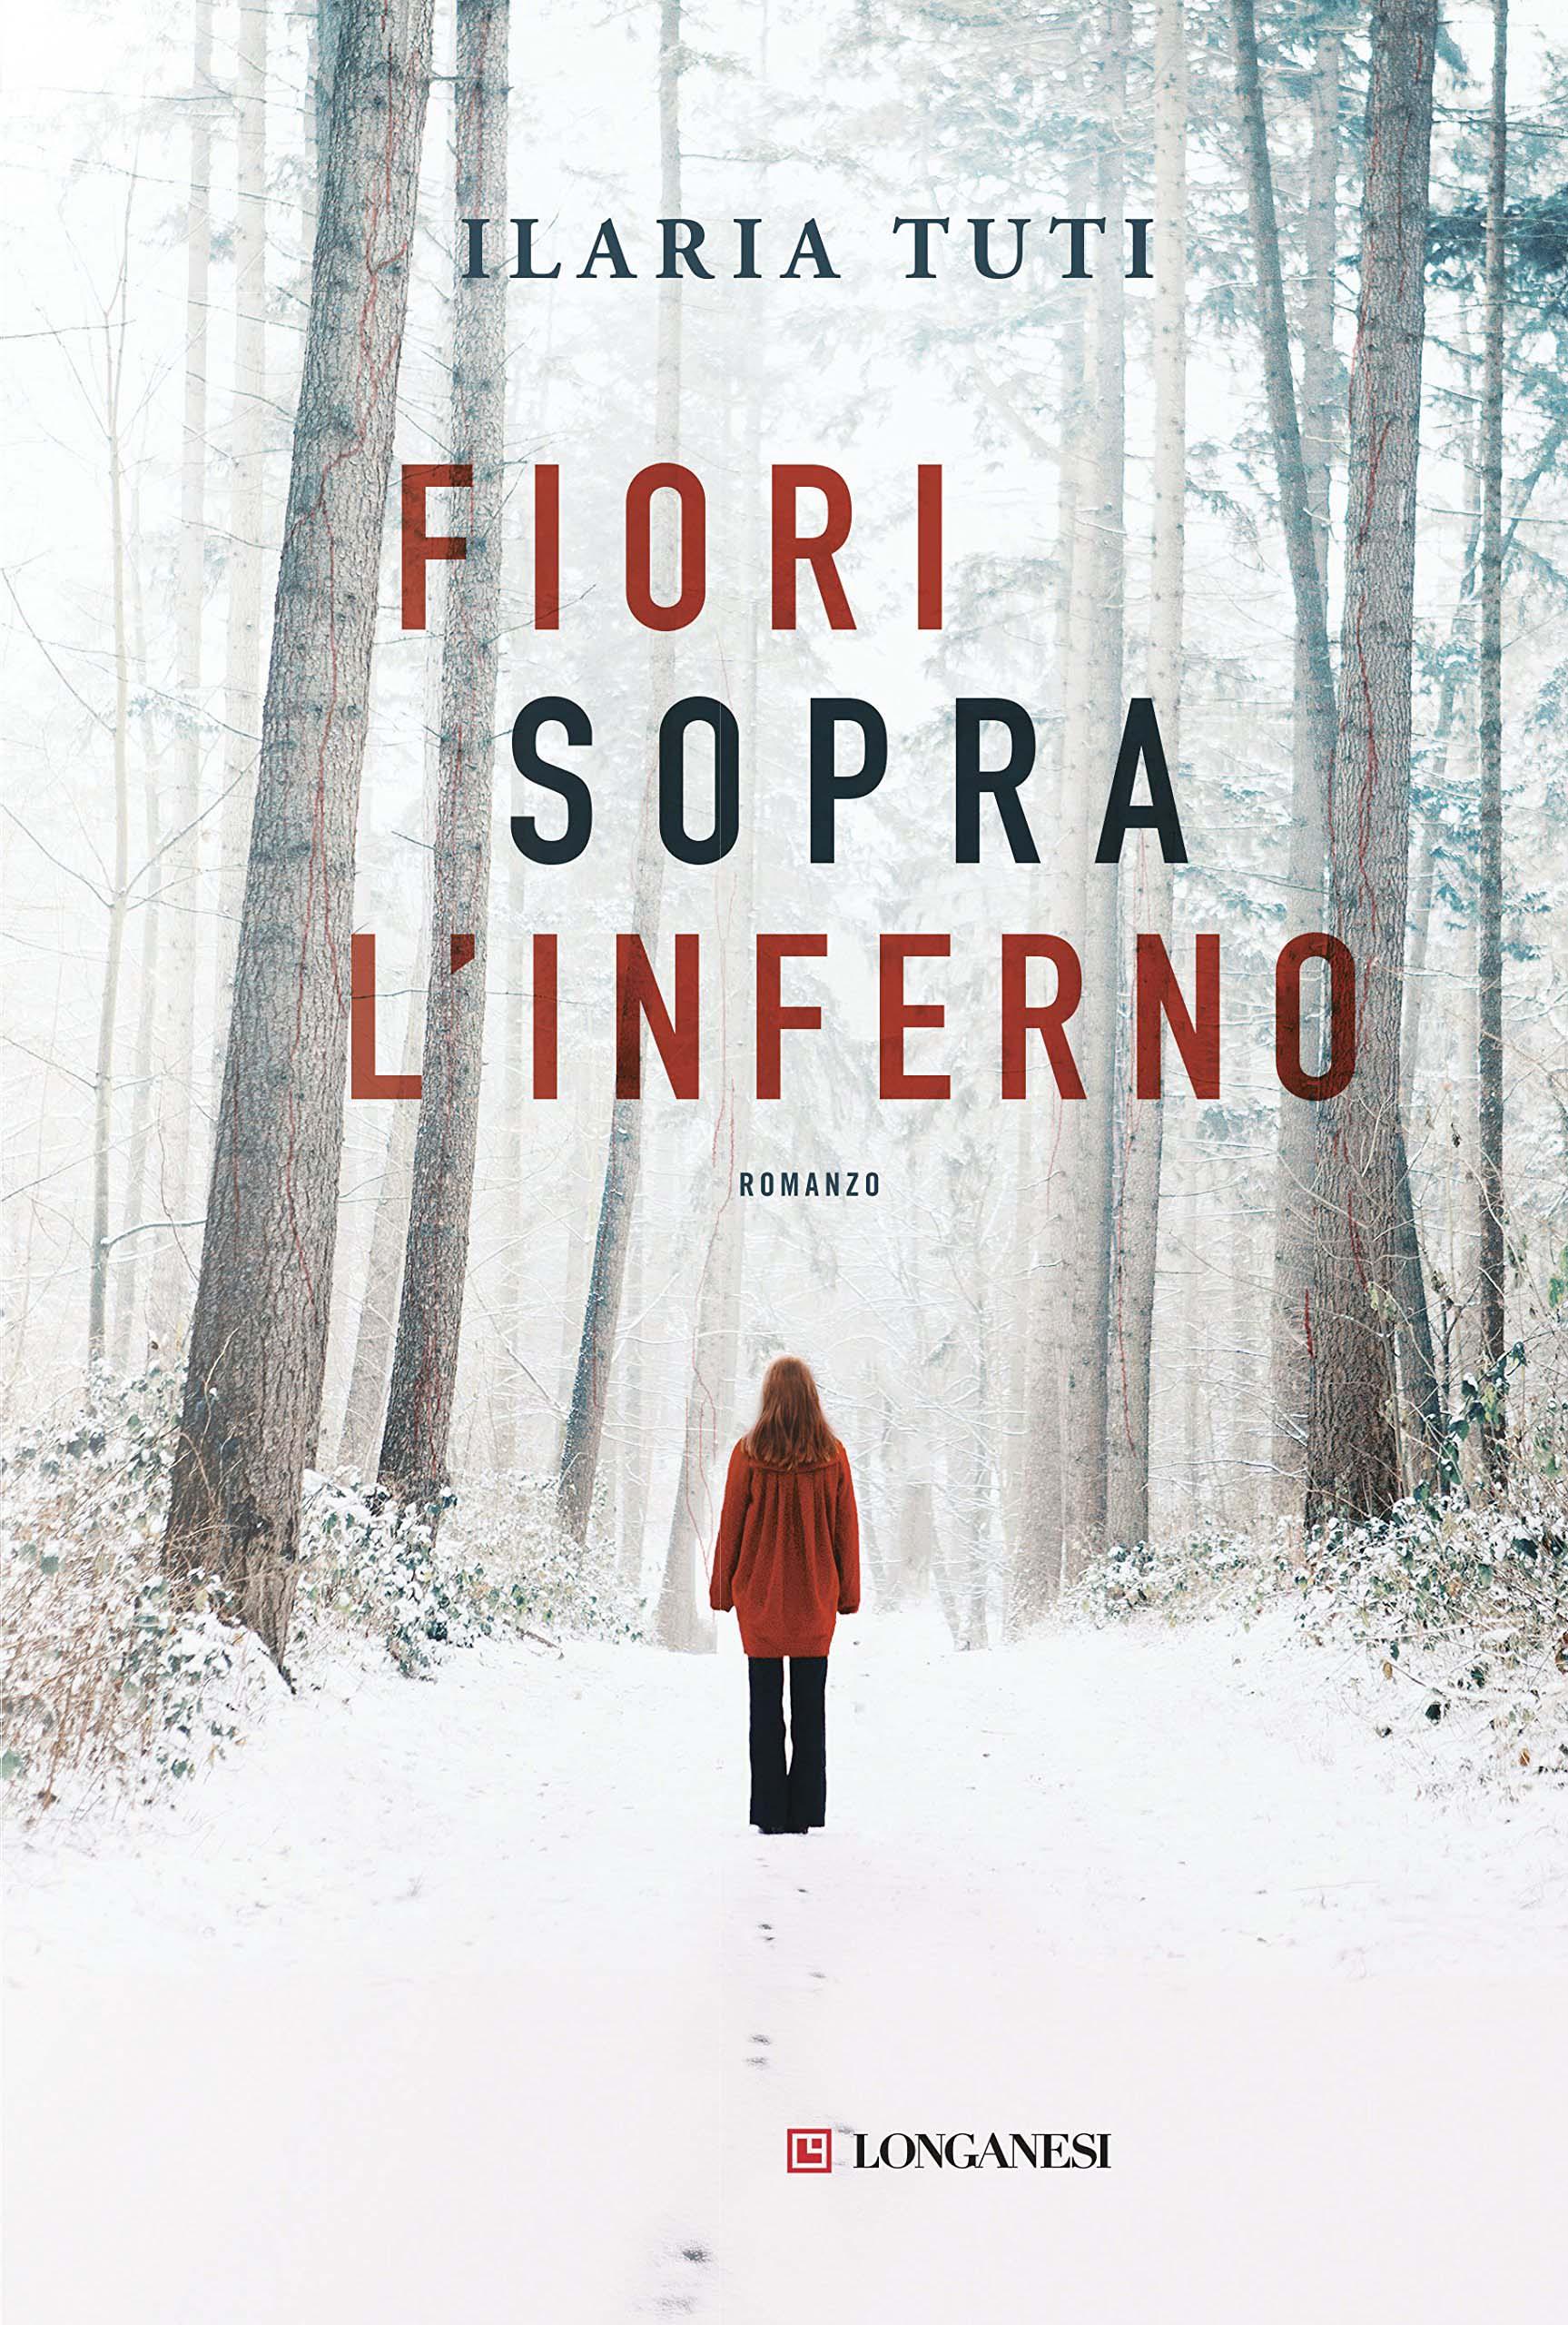 04963_FIORI_SOPRA_INFERNO